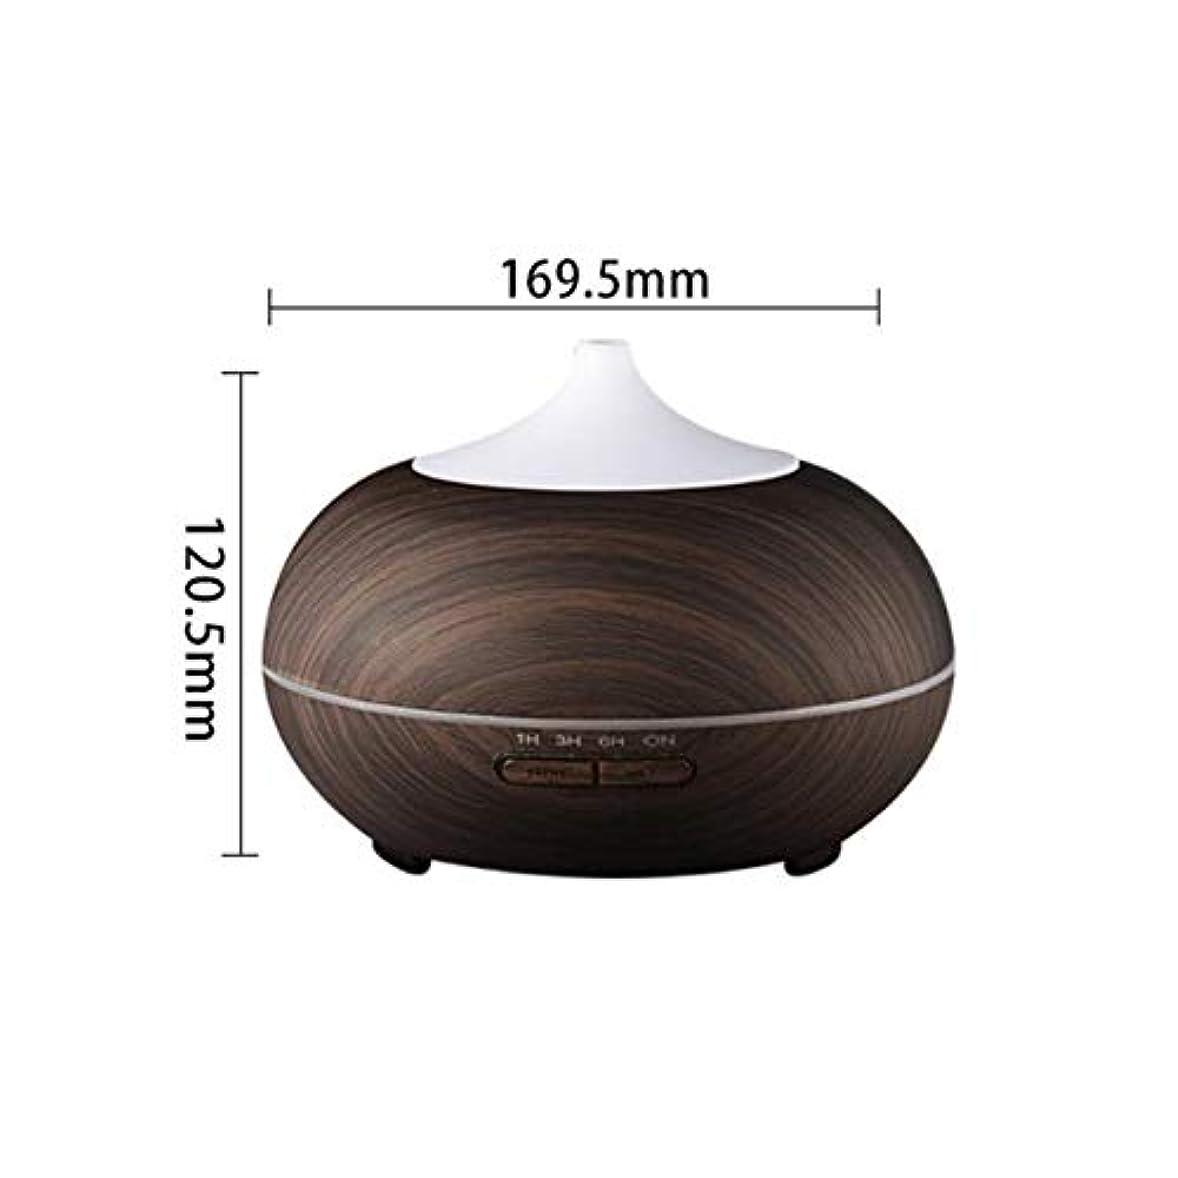 理想的には開始チェス木目 涼しい霧 加湿器,7 色 空気を浄化 加湿機 時間 手動 Wifiアプリコントロール 精油 ディフューザー アロマネブライザー Yoga- 300ml